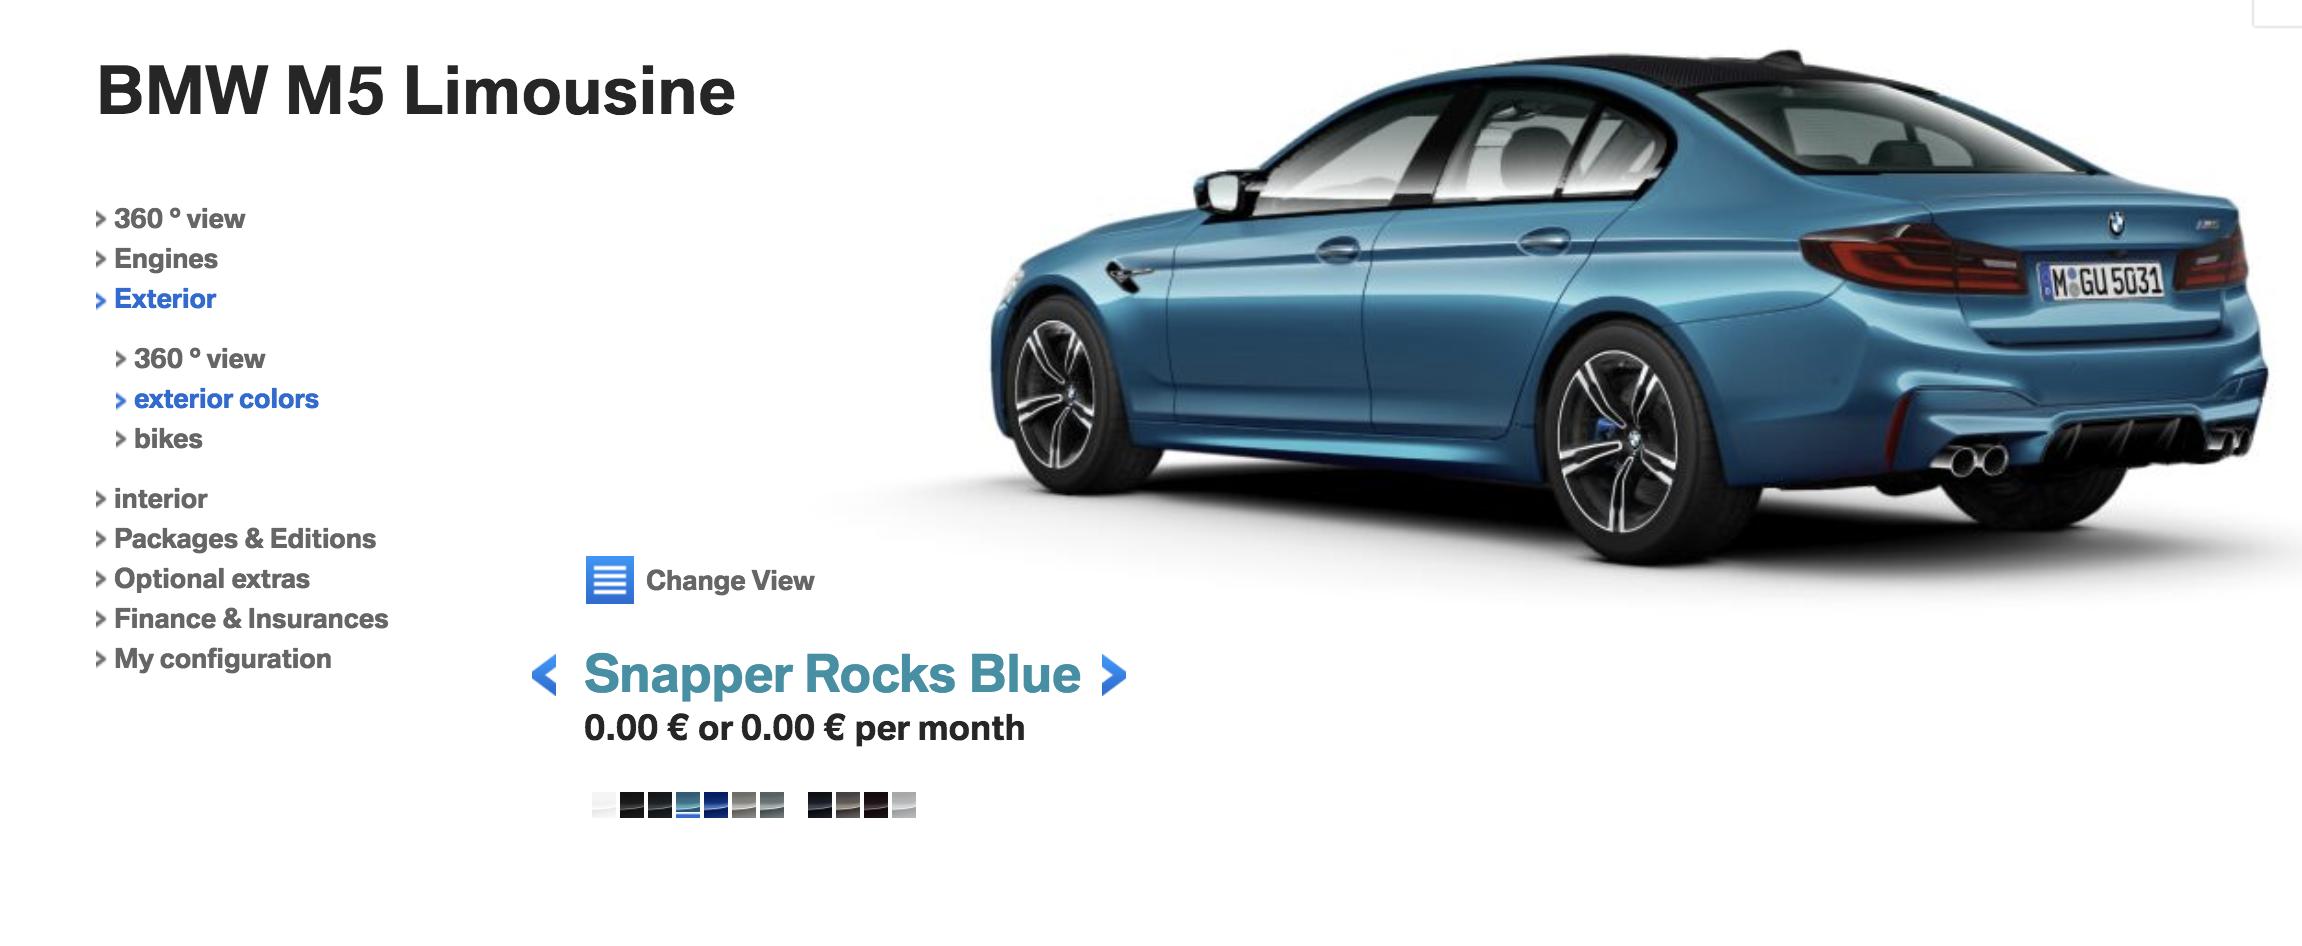 BMW M5 F90 Snapper Rocks Blue